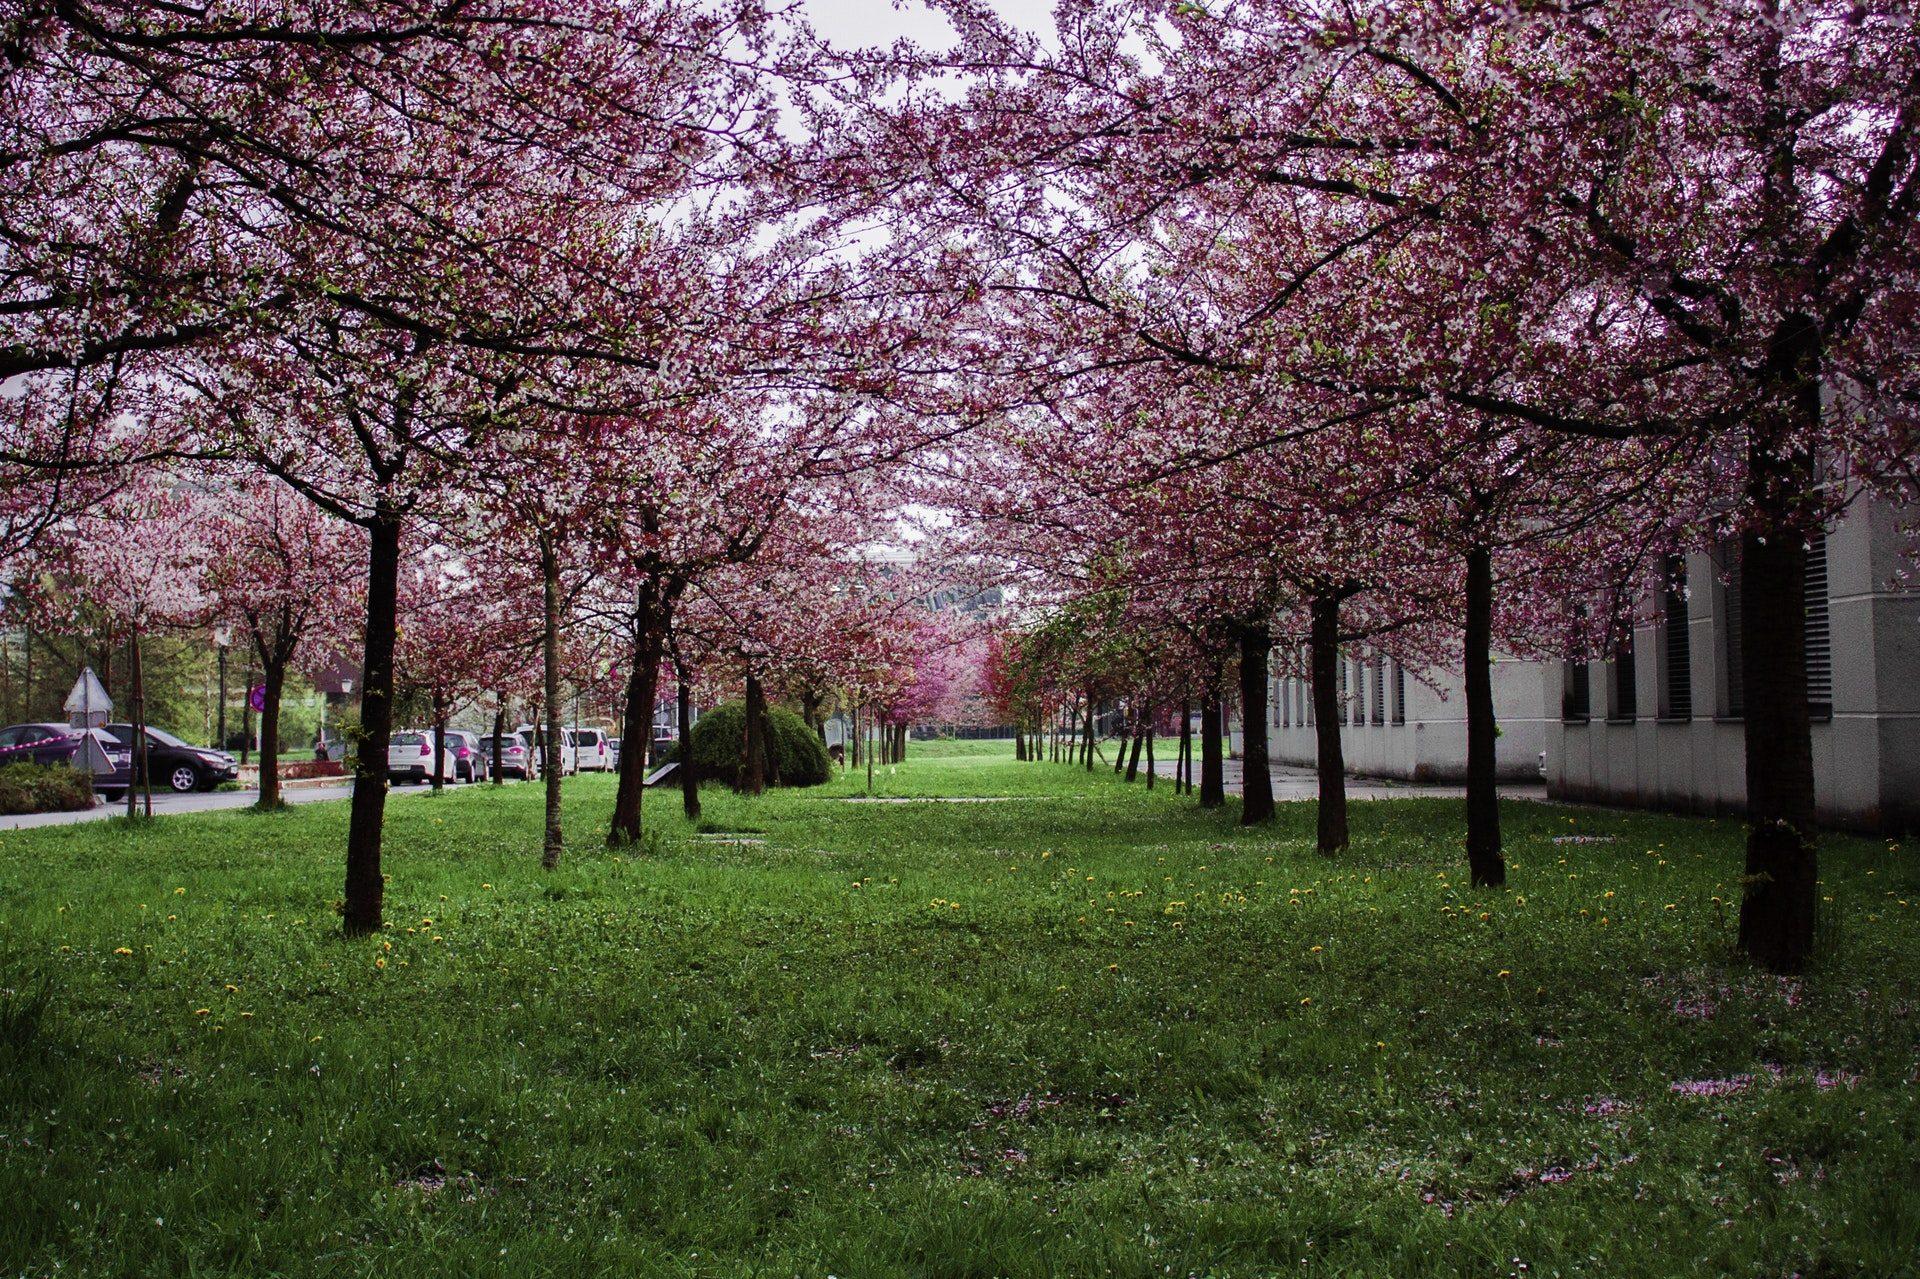 Beautiful Sakura Tree Garden Wallpaper Beautiful Sakura Centennial Park Cherry Blossoms 2015149 Hd Wallpaper Backgrounds Download